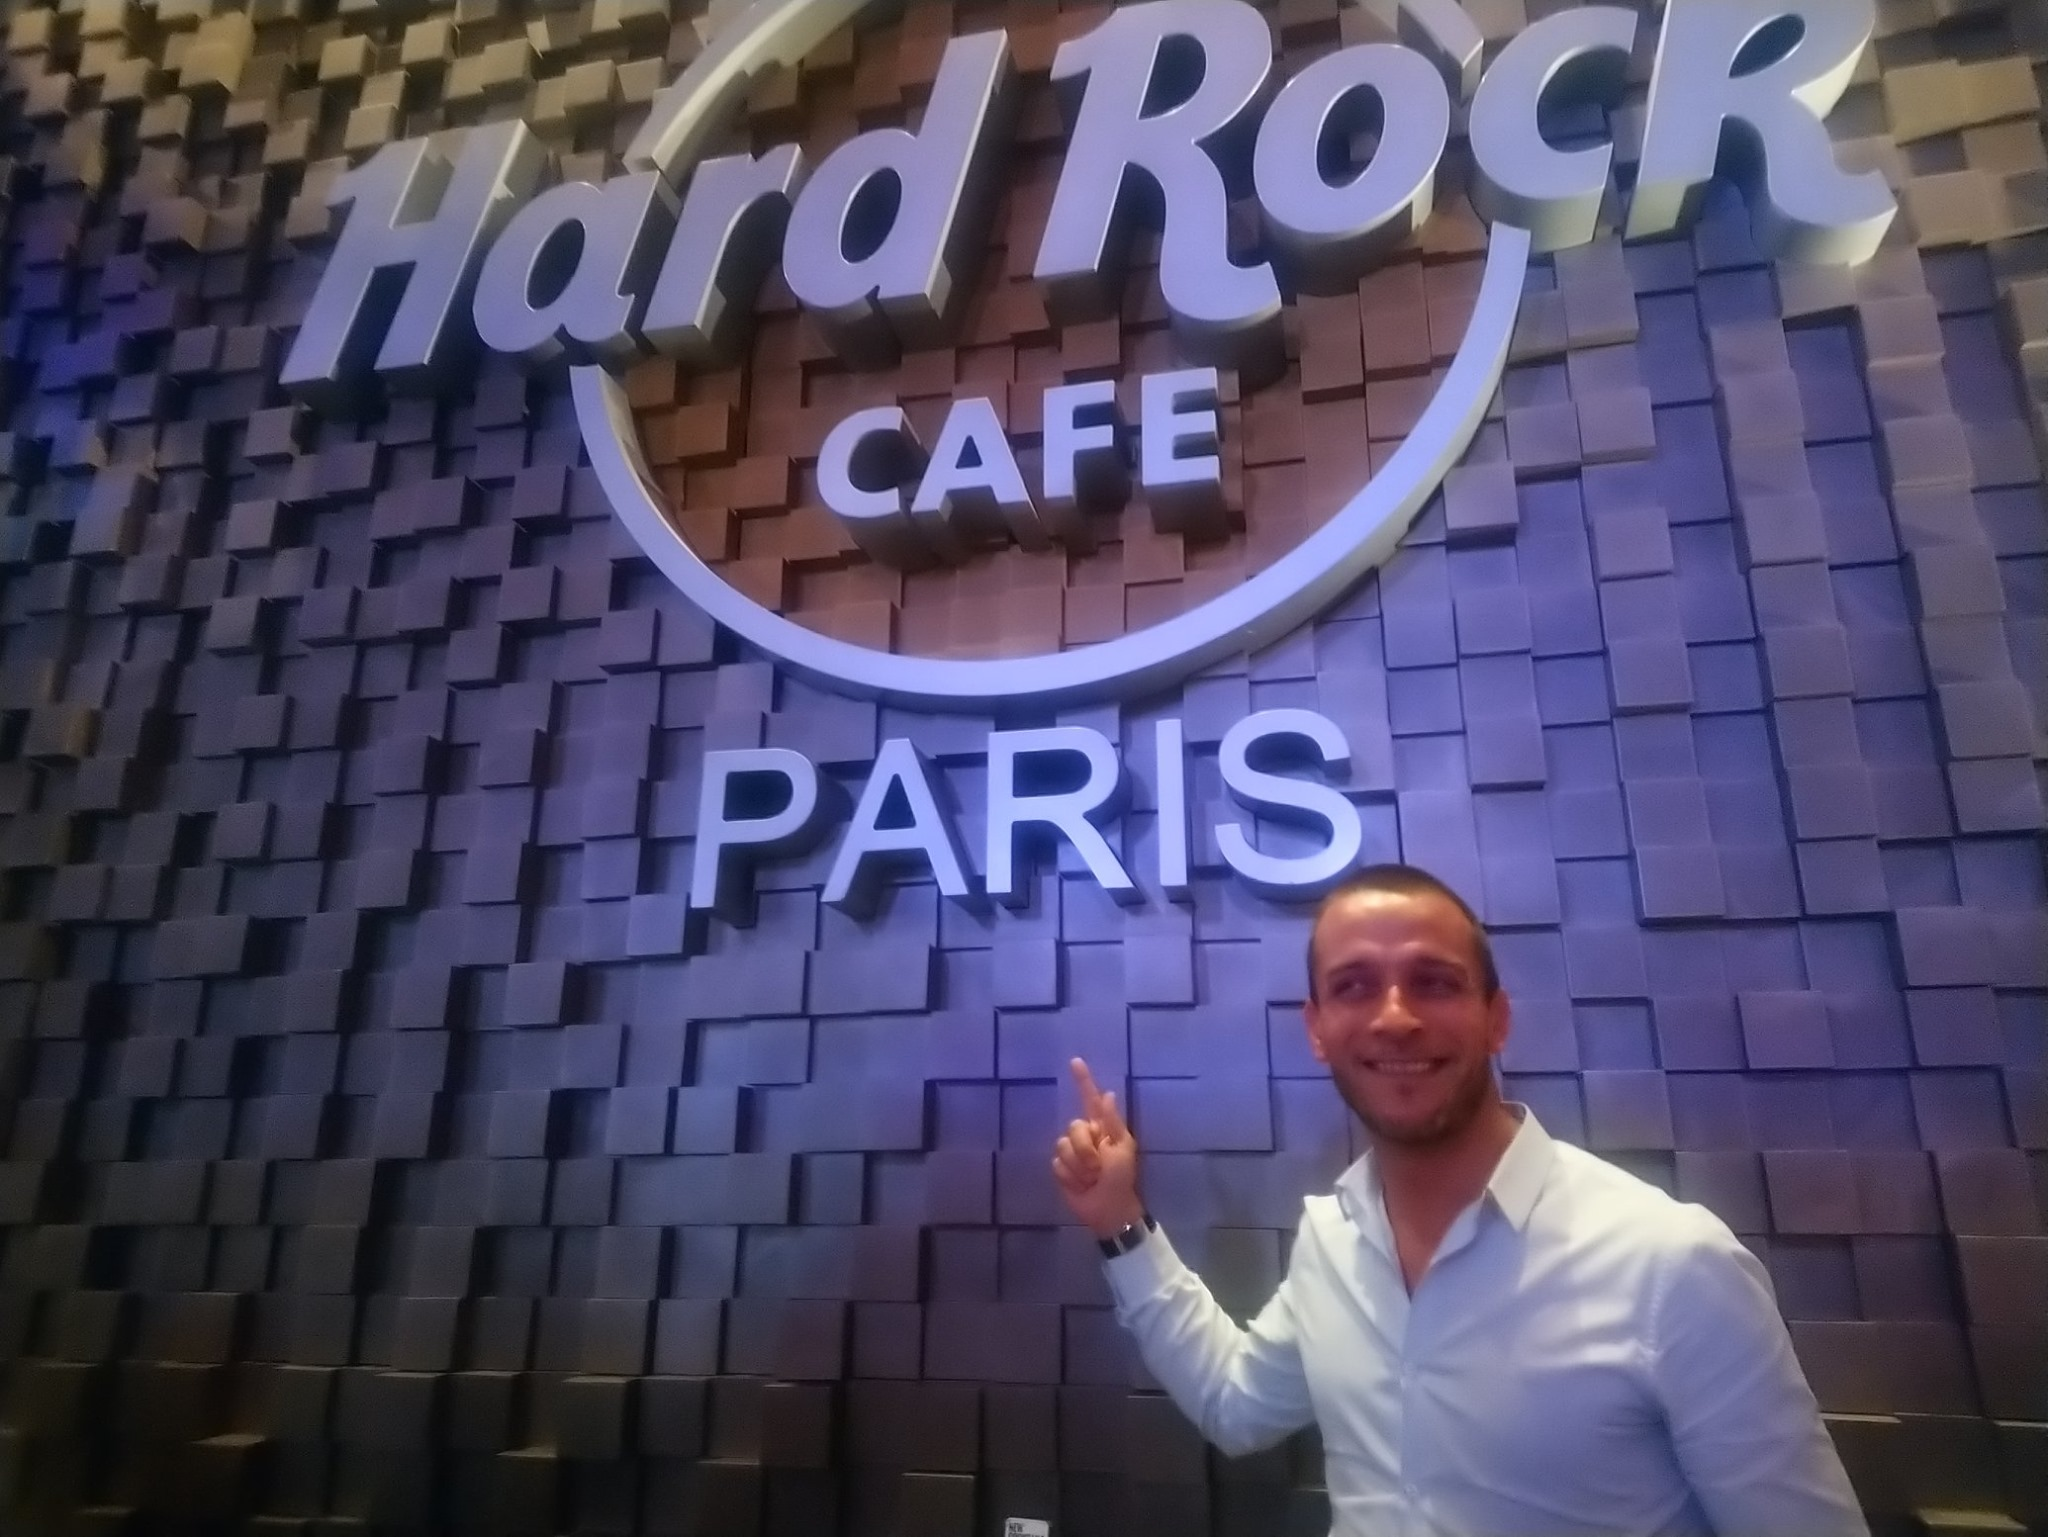 William Vincent, directeur marketing et commercial du Hard Rock Cafe Paris